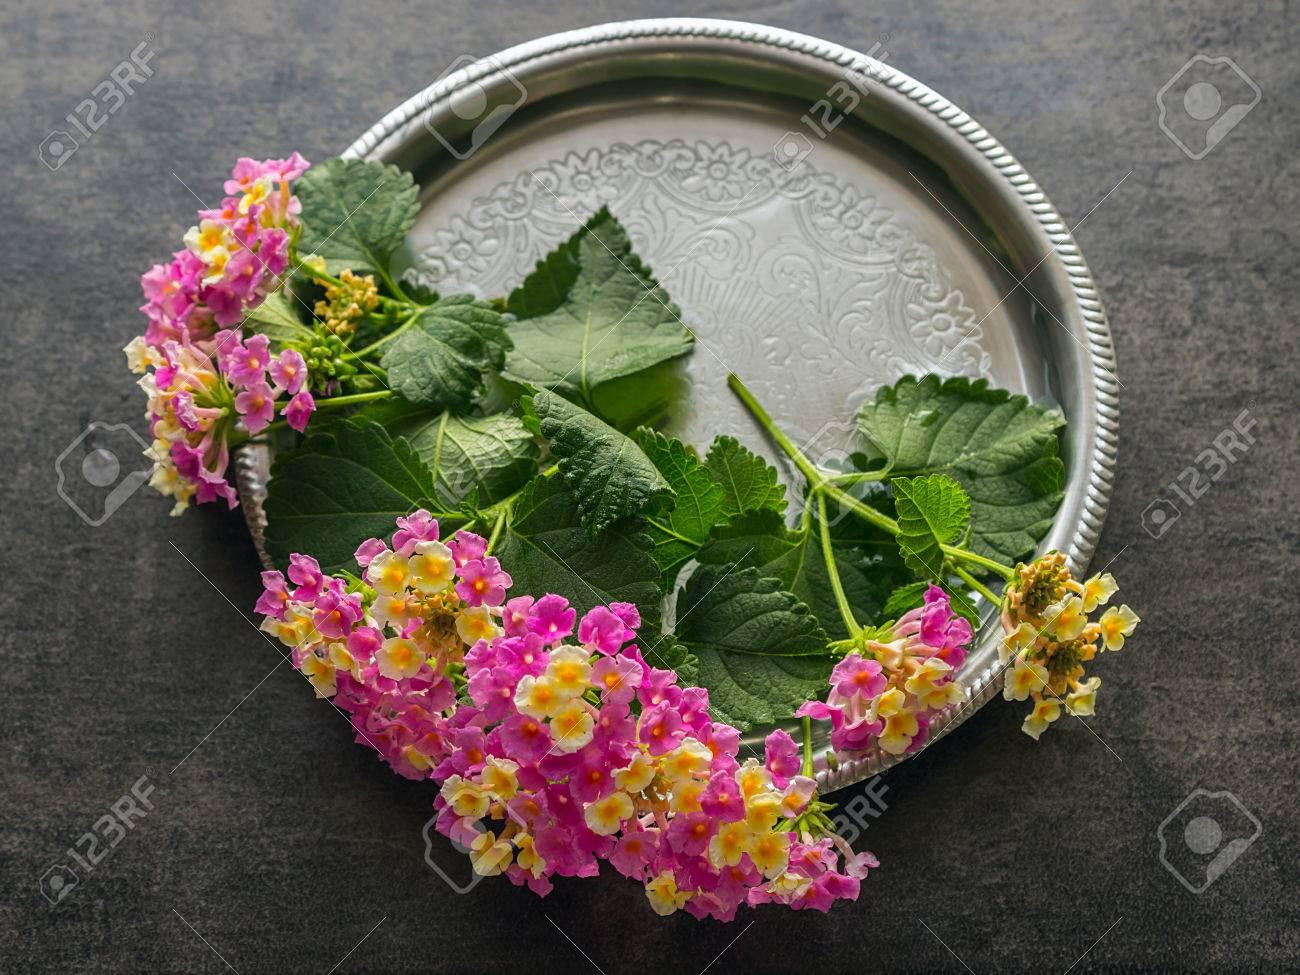 Hermoso Ramo De Flores Brillantes Lantana Pequeas Flores